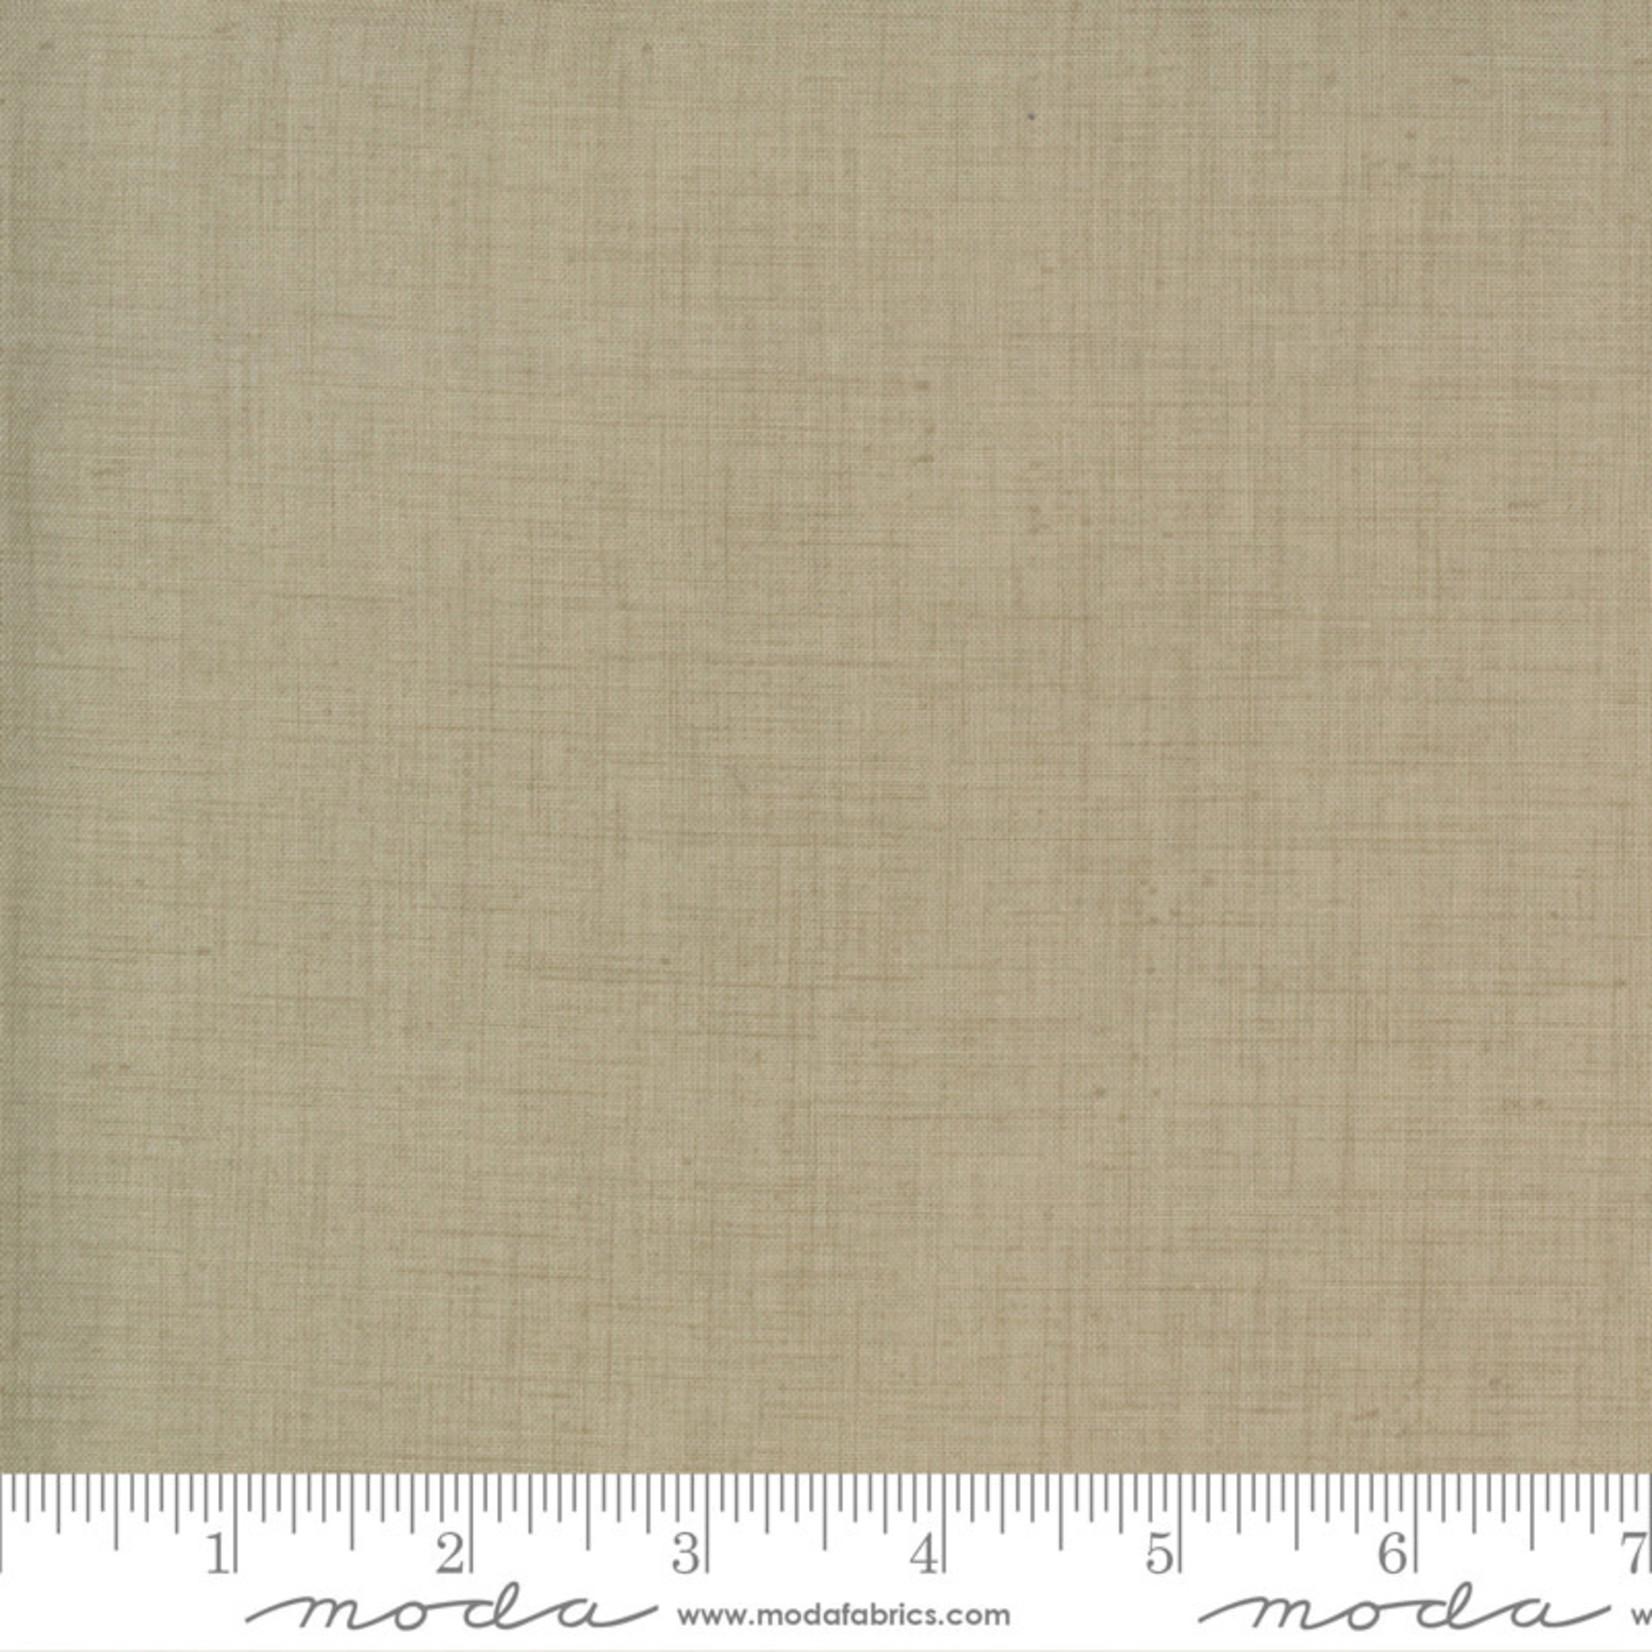 FRENCH GENERAL Jardins De Fleurs, Linen Texture, Roche 13529-20  $0.20 per cm or $20/m